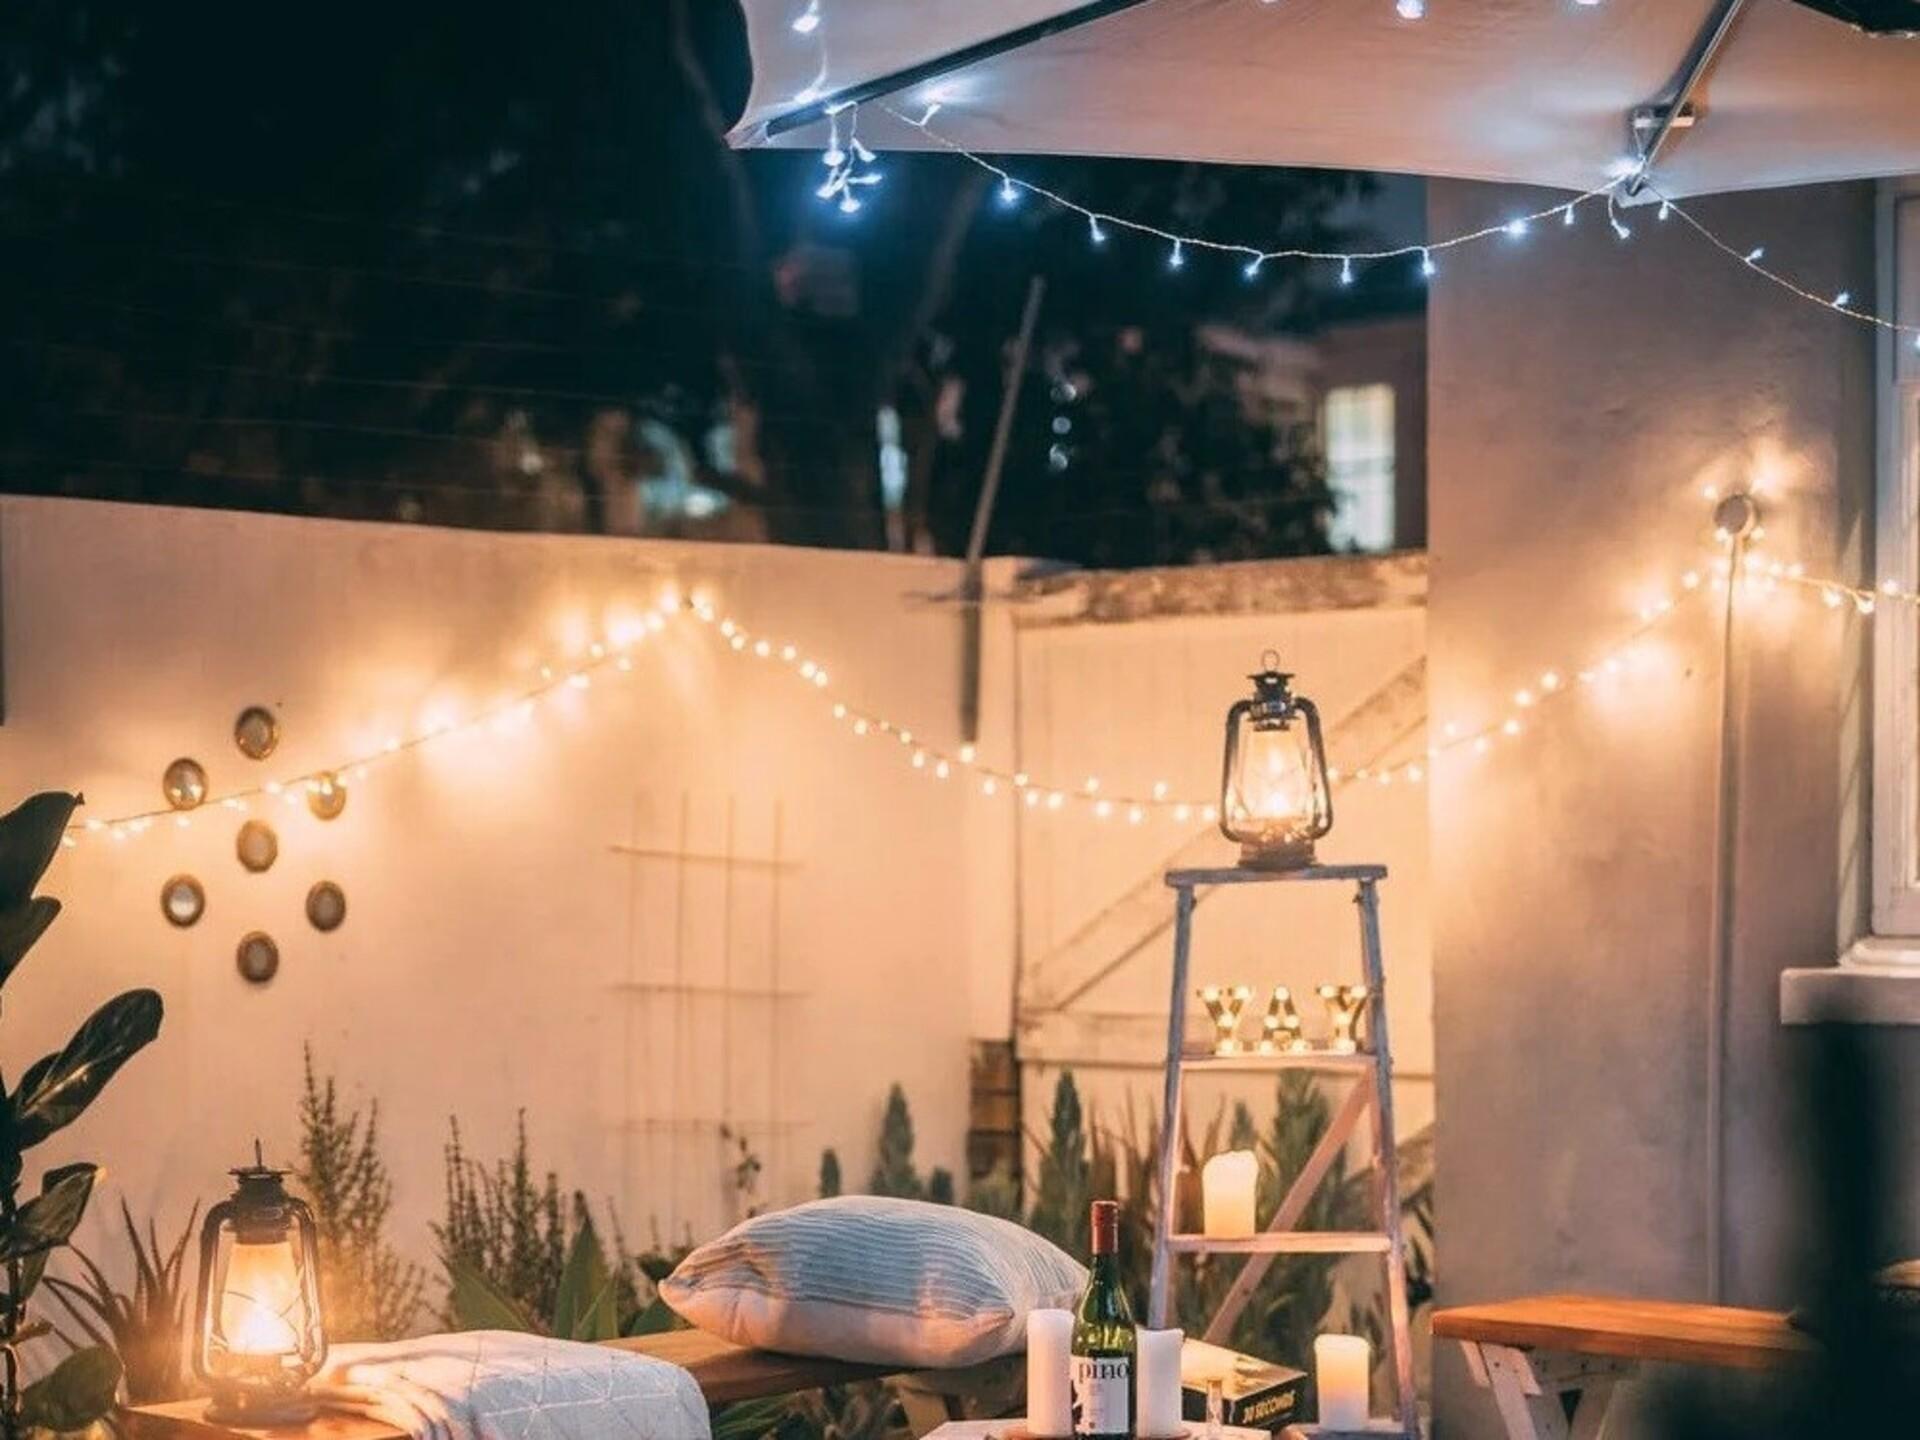 Deko Mit Lichterketten Lassen Sie Ihr Zuhause Glanzen Segmueller De